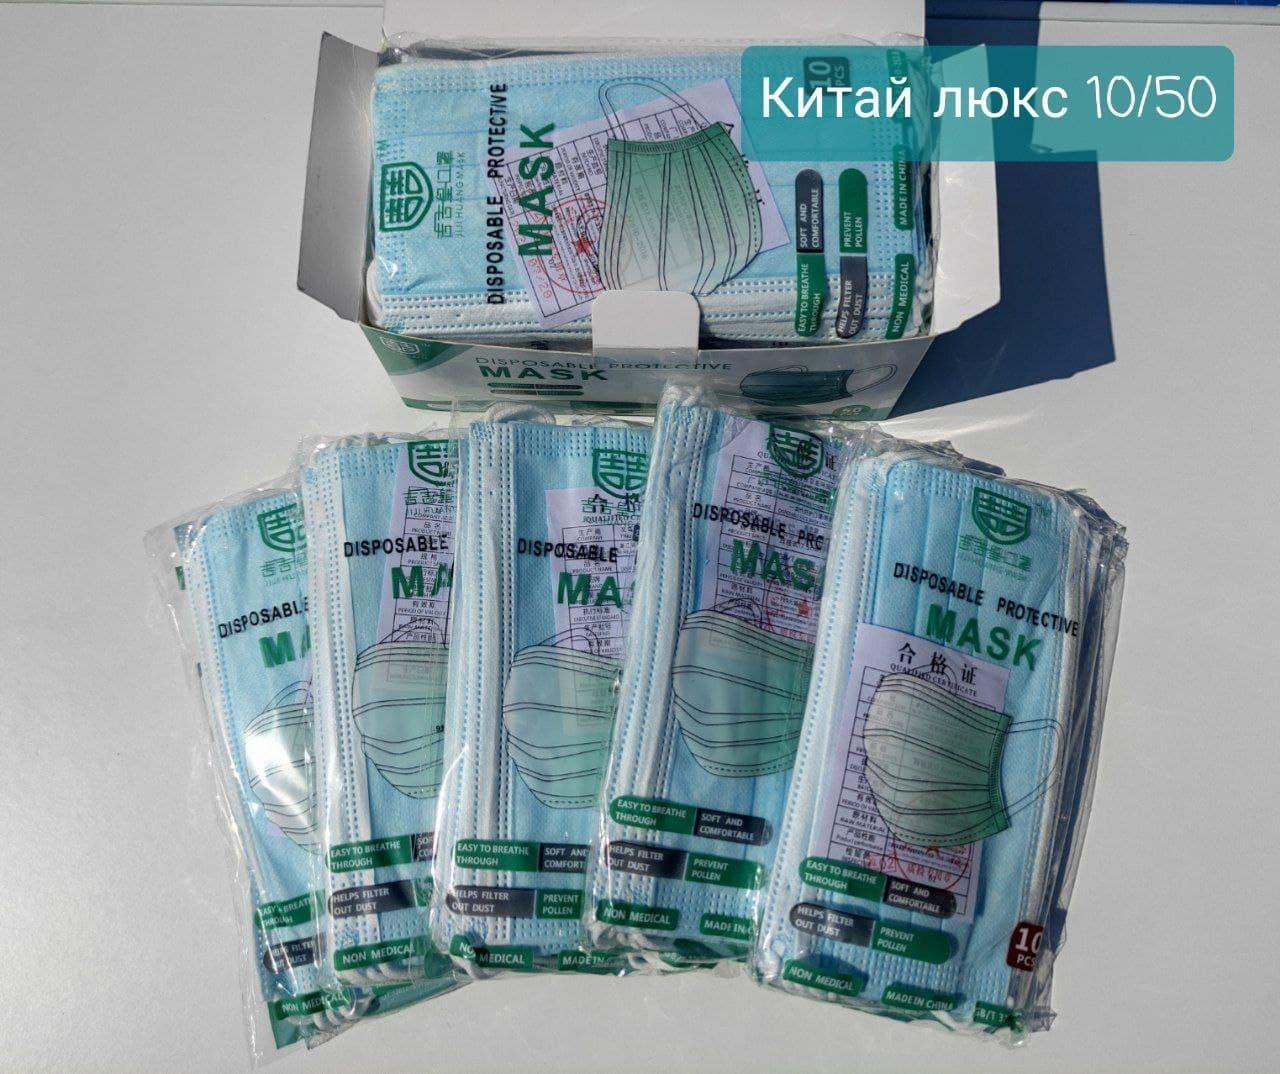 Захисні маски розфасовка 10штук,упаковка50 спанбонд/мельтблаун/спанбонд(СМС) тришарові,з носиком/фіксатором